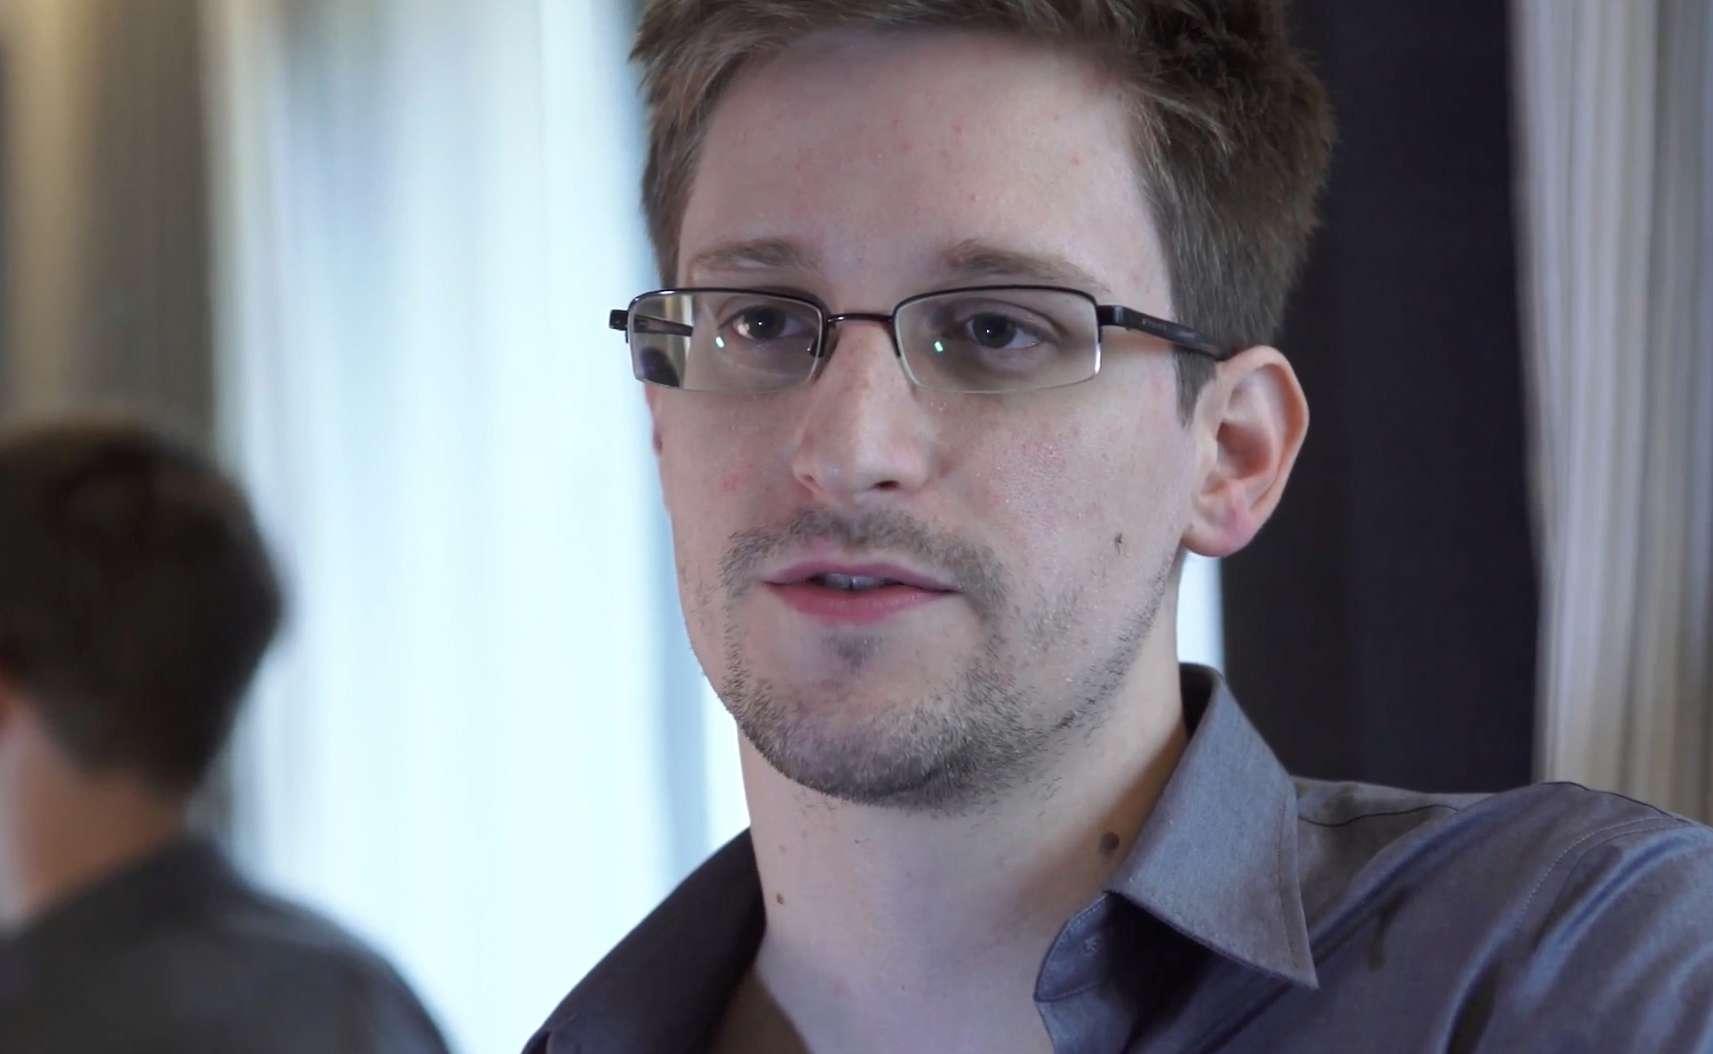 Foto de Edward Snowden de The Guardian con fecha del 9 de junio del 2013. Foto: AP en español